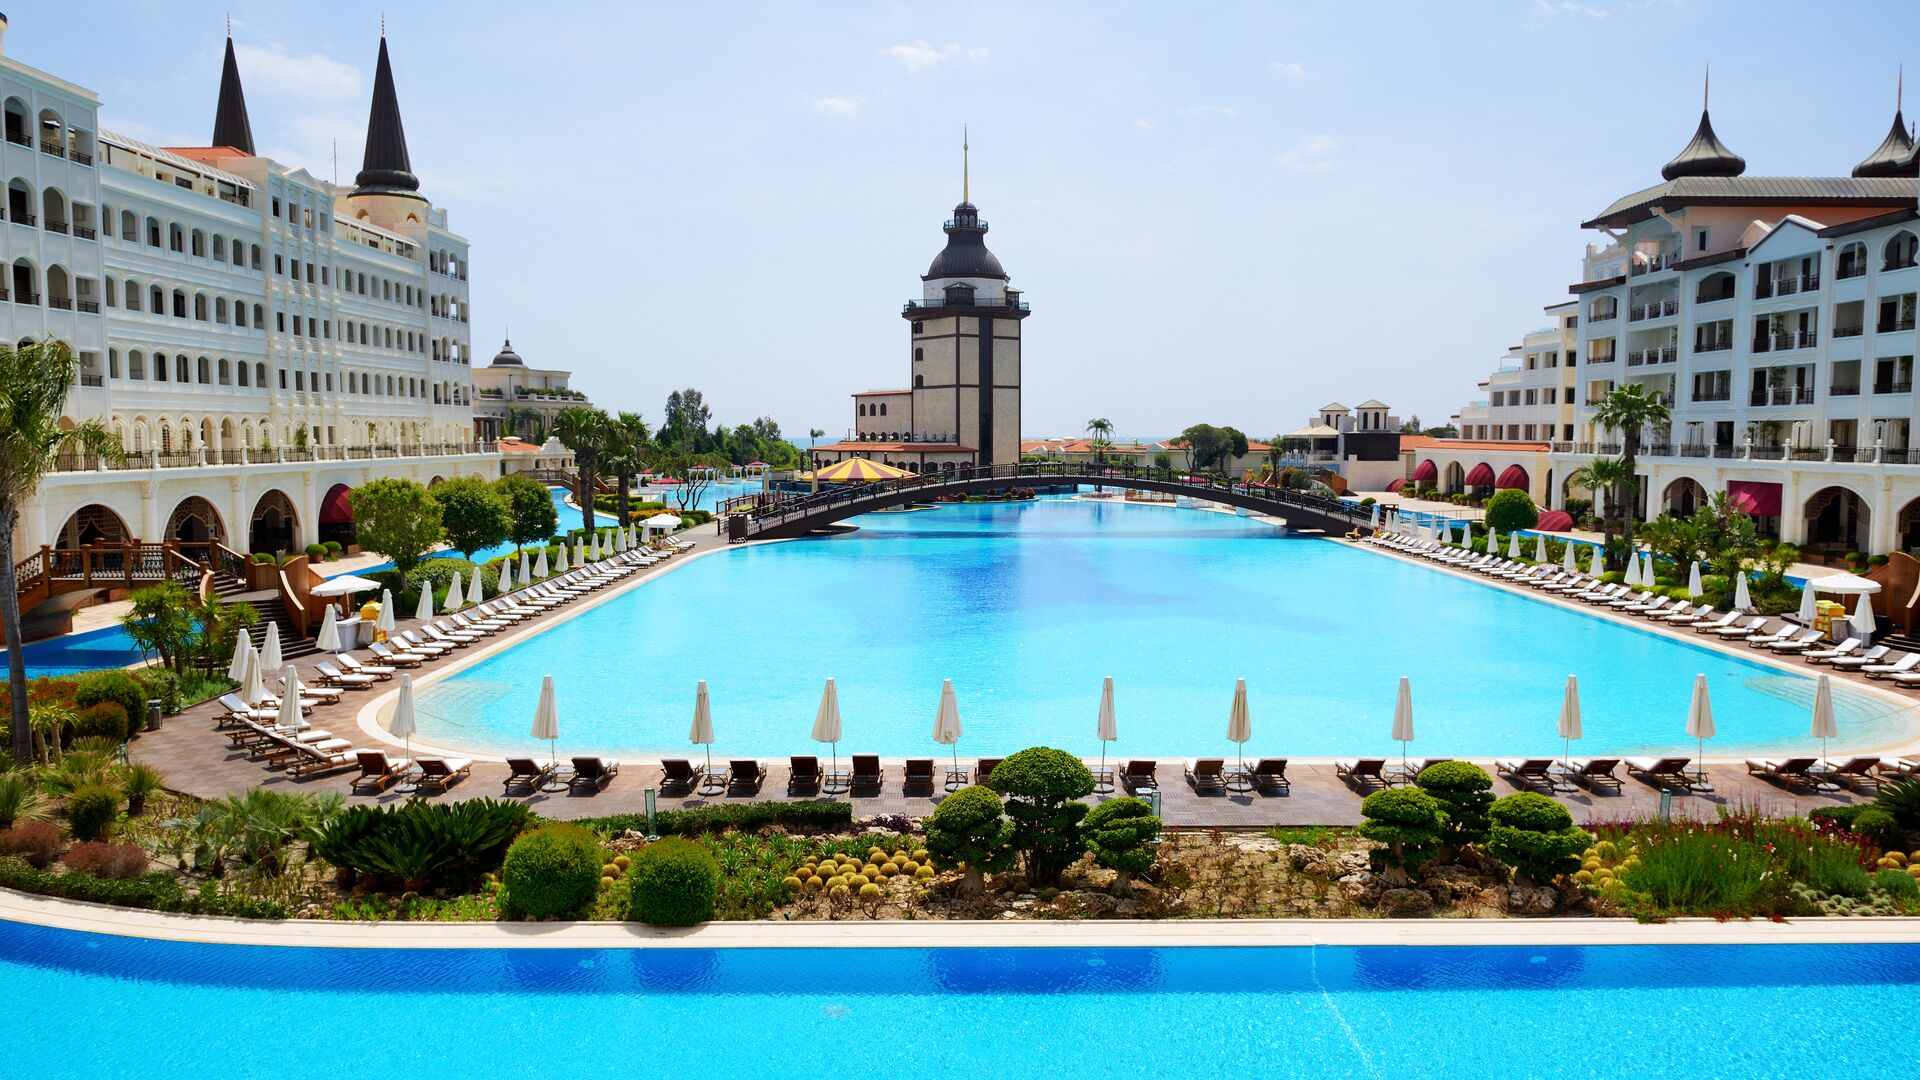 Отель Mardan Palace в Анталье, Турция - РИА Новости, 1920, 02.03.2021